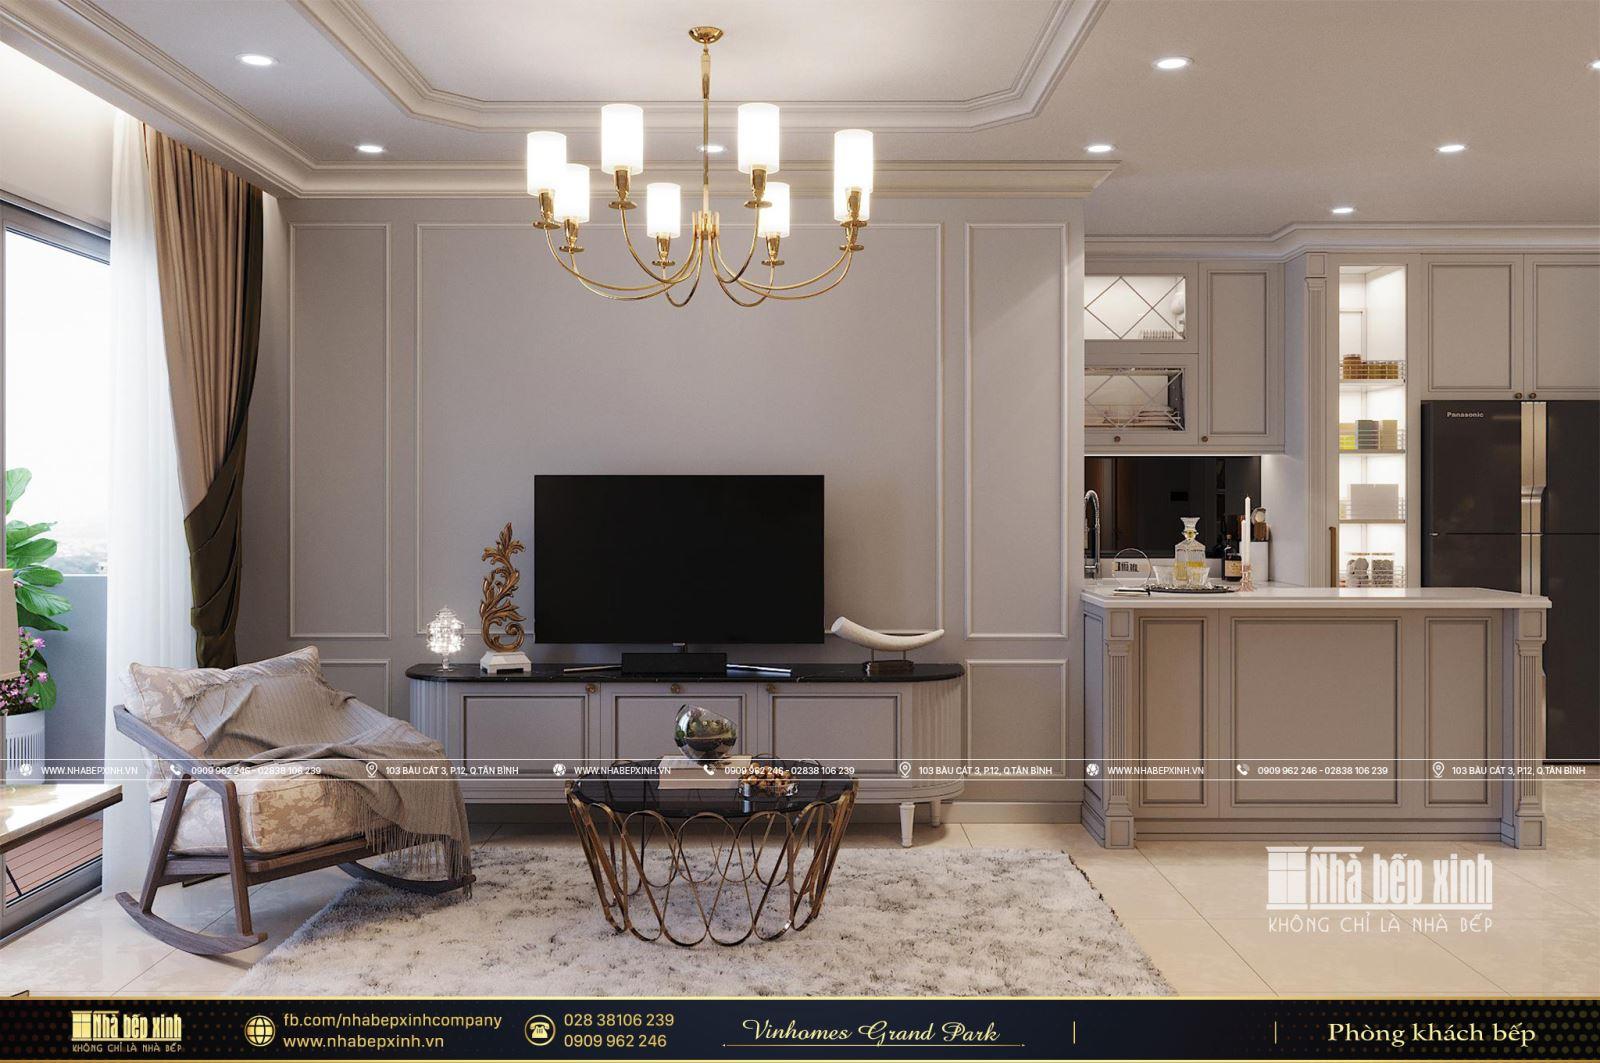 Tổng hợp các mẫu thiết kế nội thất chung cư Vinhomes Grand Park - Phân khu The Origami